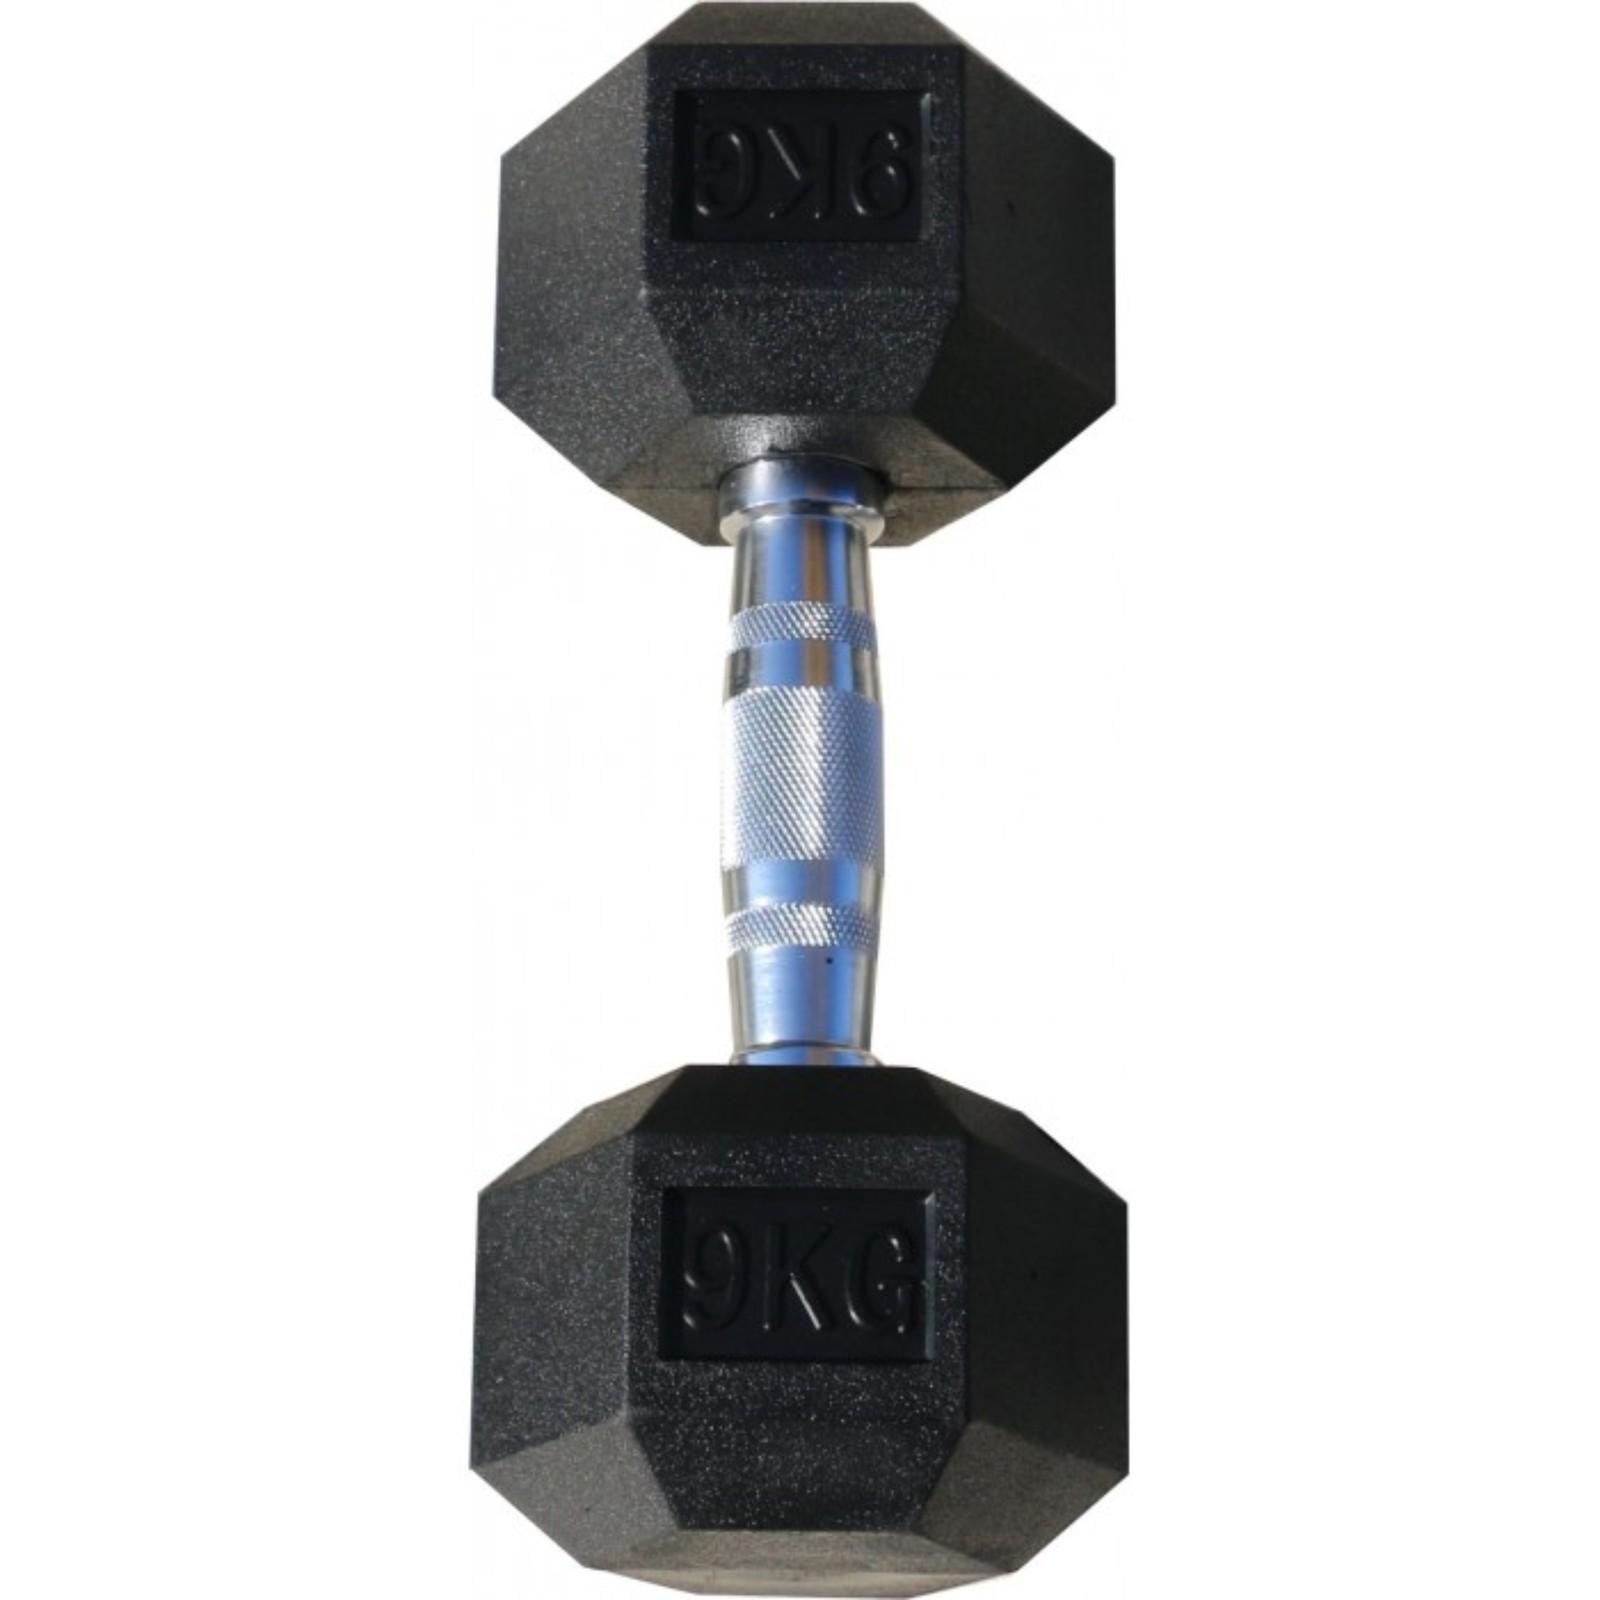 цена на Гантель Body Solid гексагональная обрезиненная, хромированная ручка, 9 кг (Body-Solid)